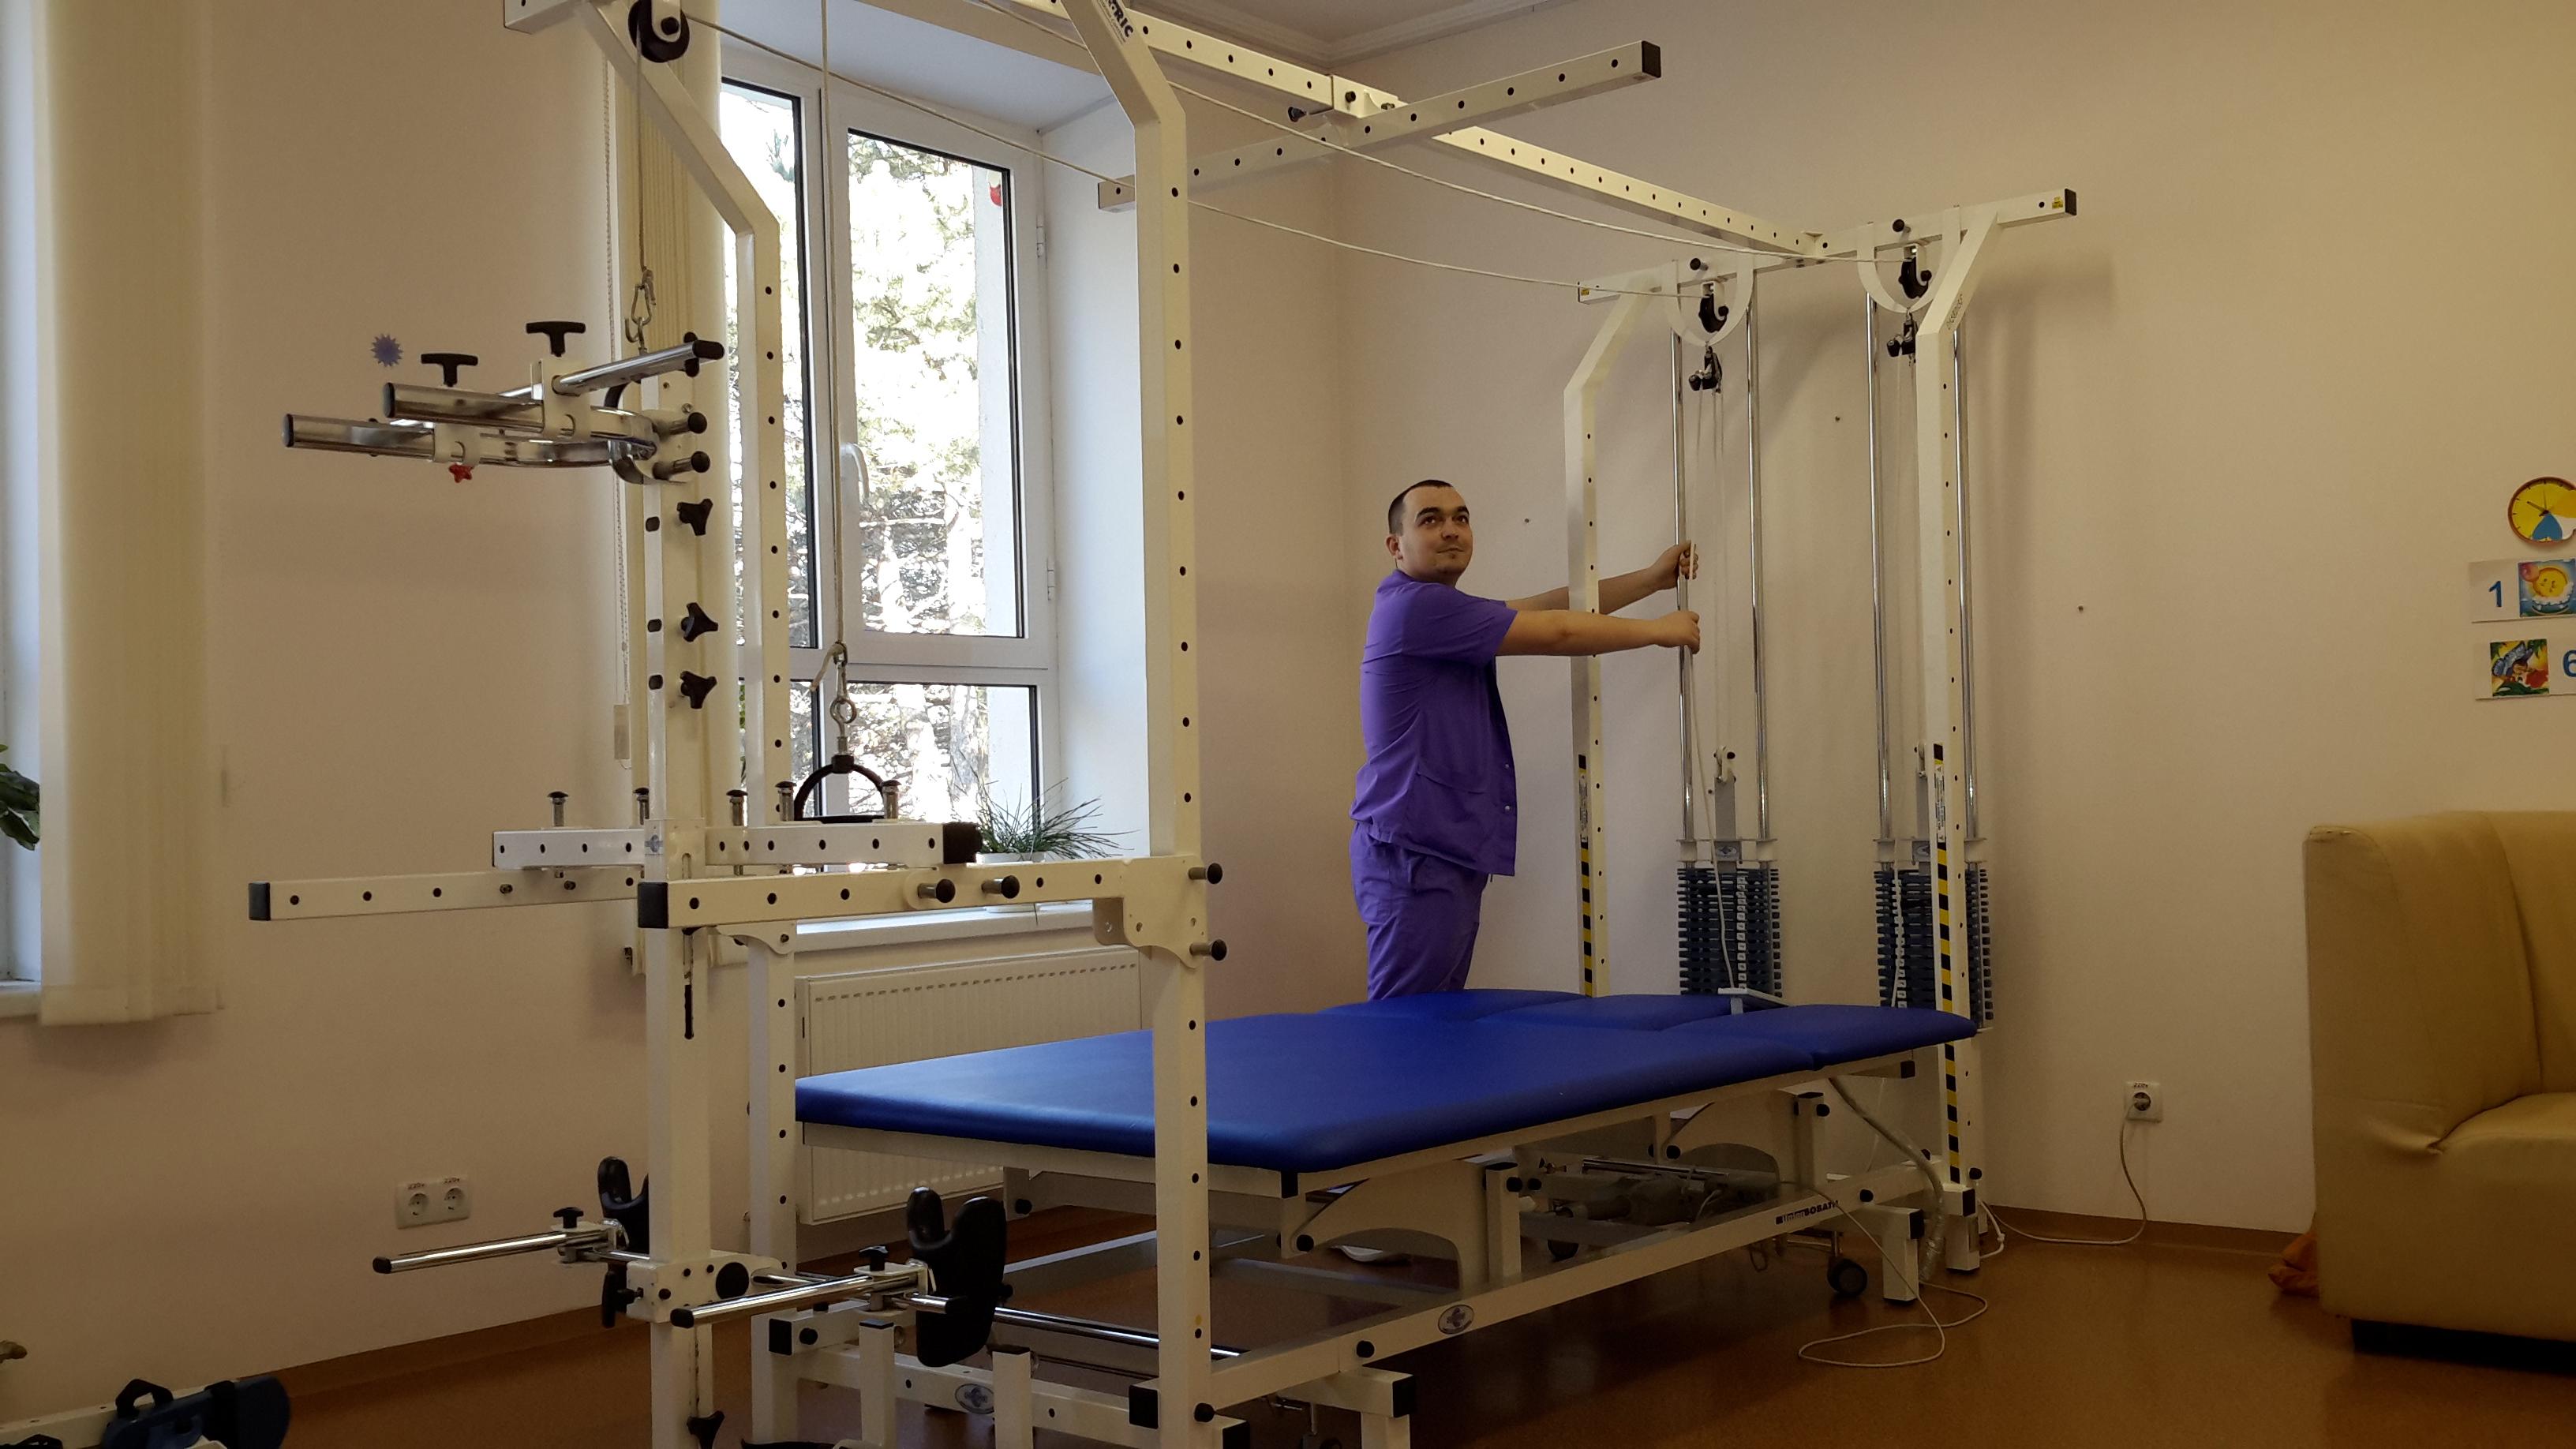 stația de recuperare polifuncțională